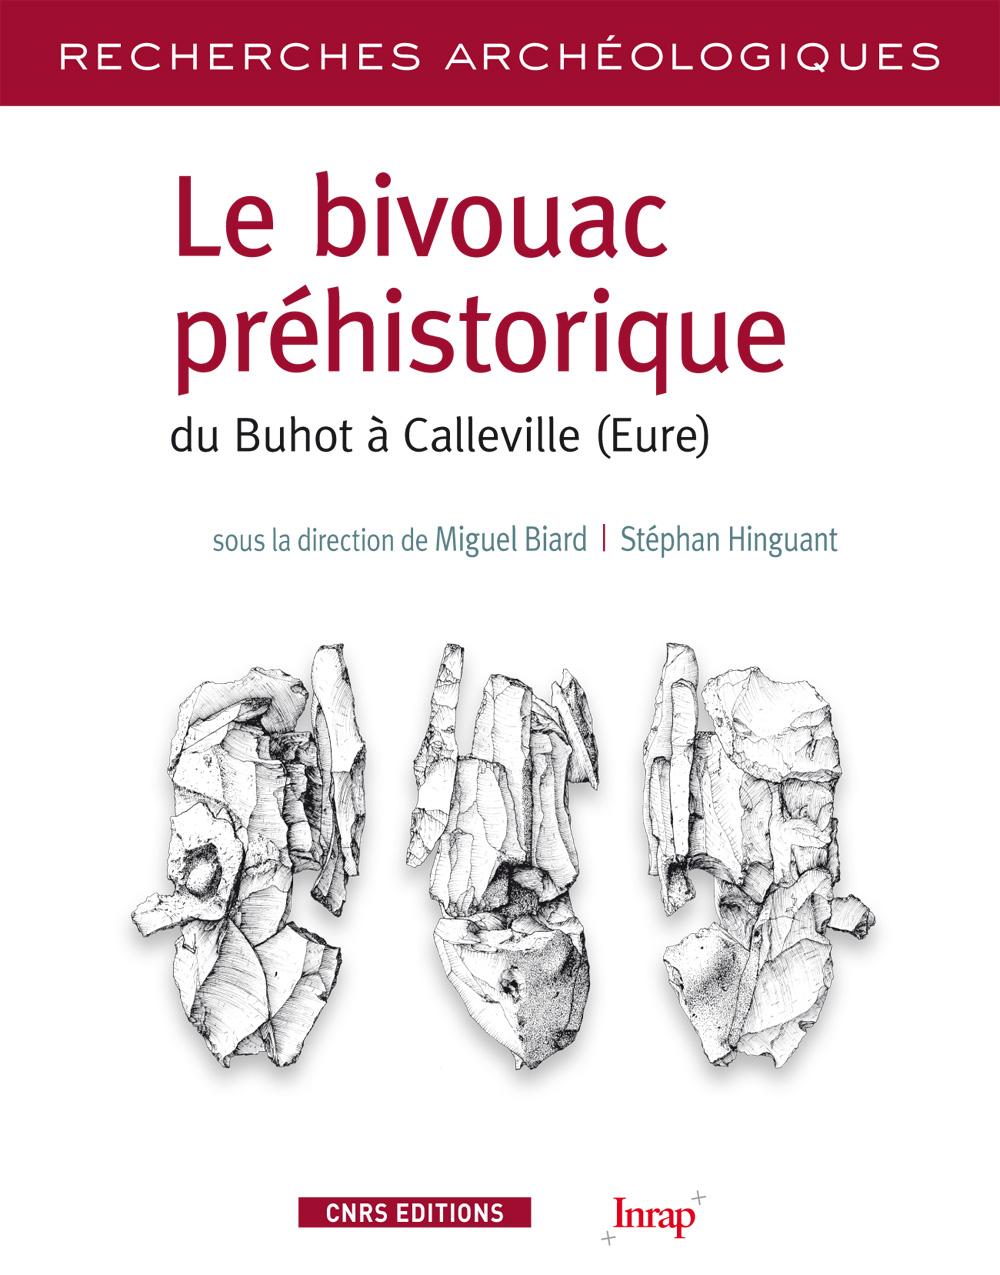 Le bivouac préhistorique du Buhot, à Calleville (Eure)